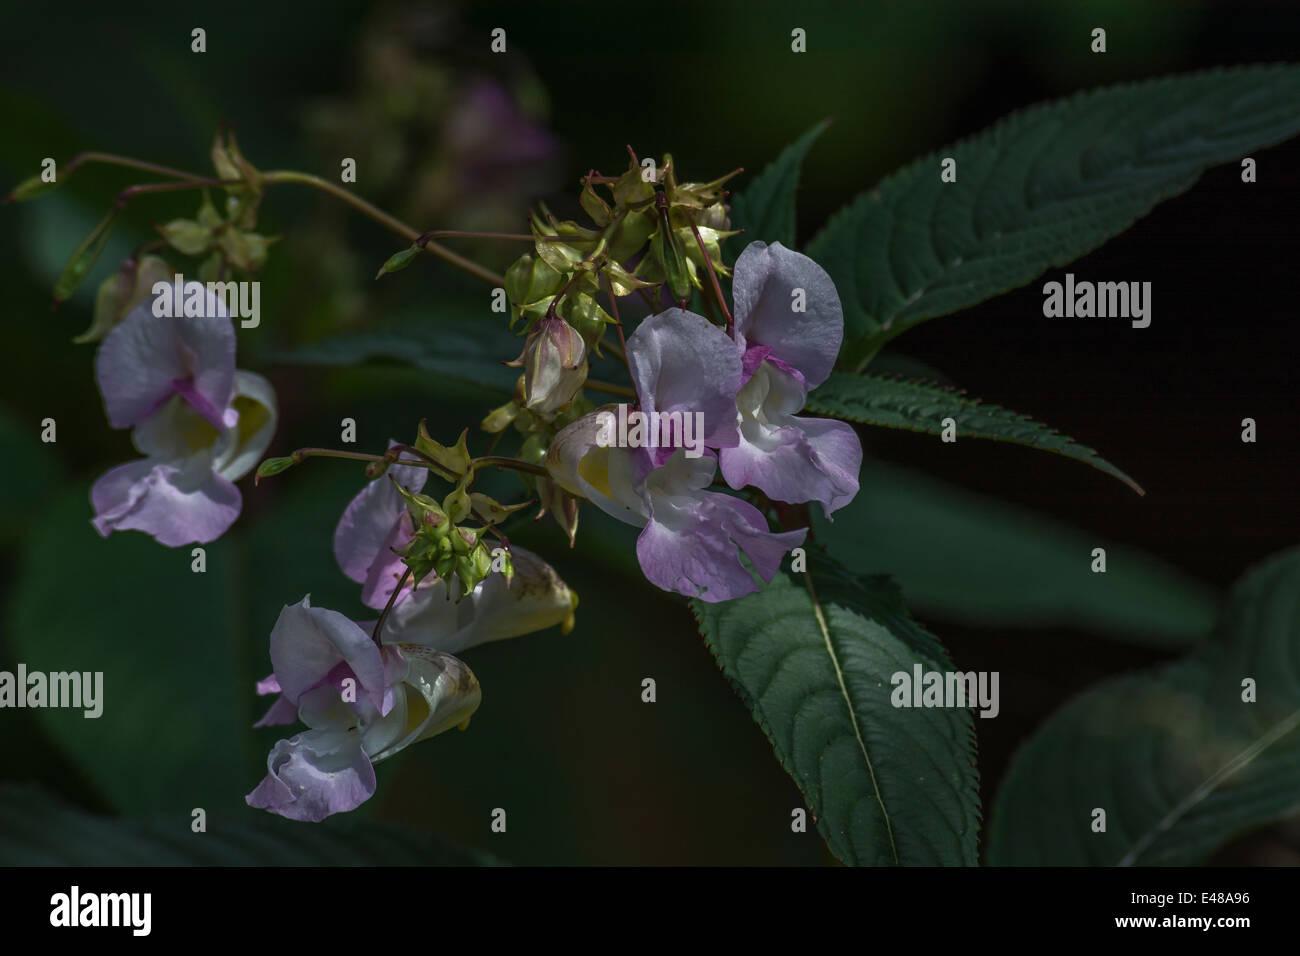 Flores y hojas superiores del molesto Himaalyan Bálsamo / Impatiens glandulifera - que le gusta el suelo húmedo / tierra. Foto de stock